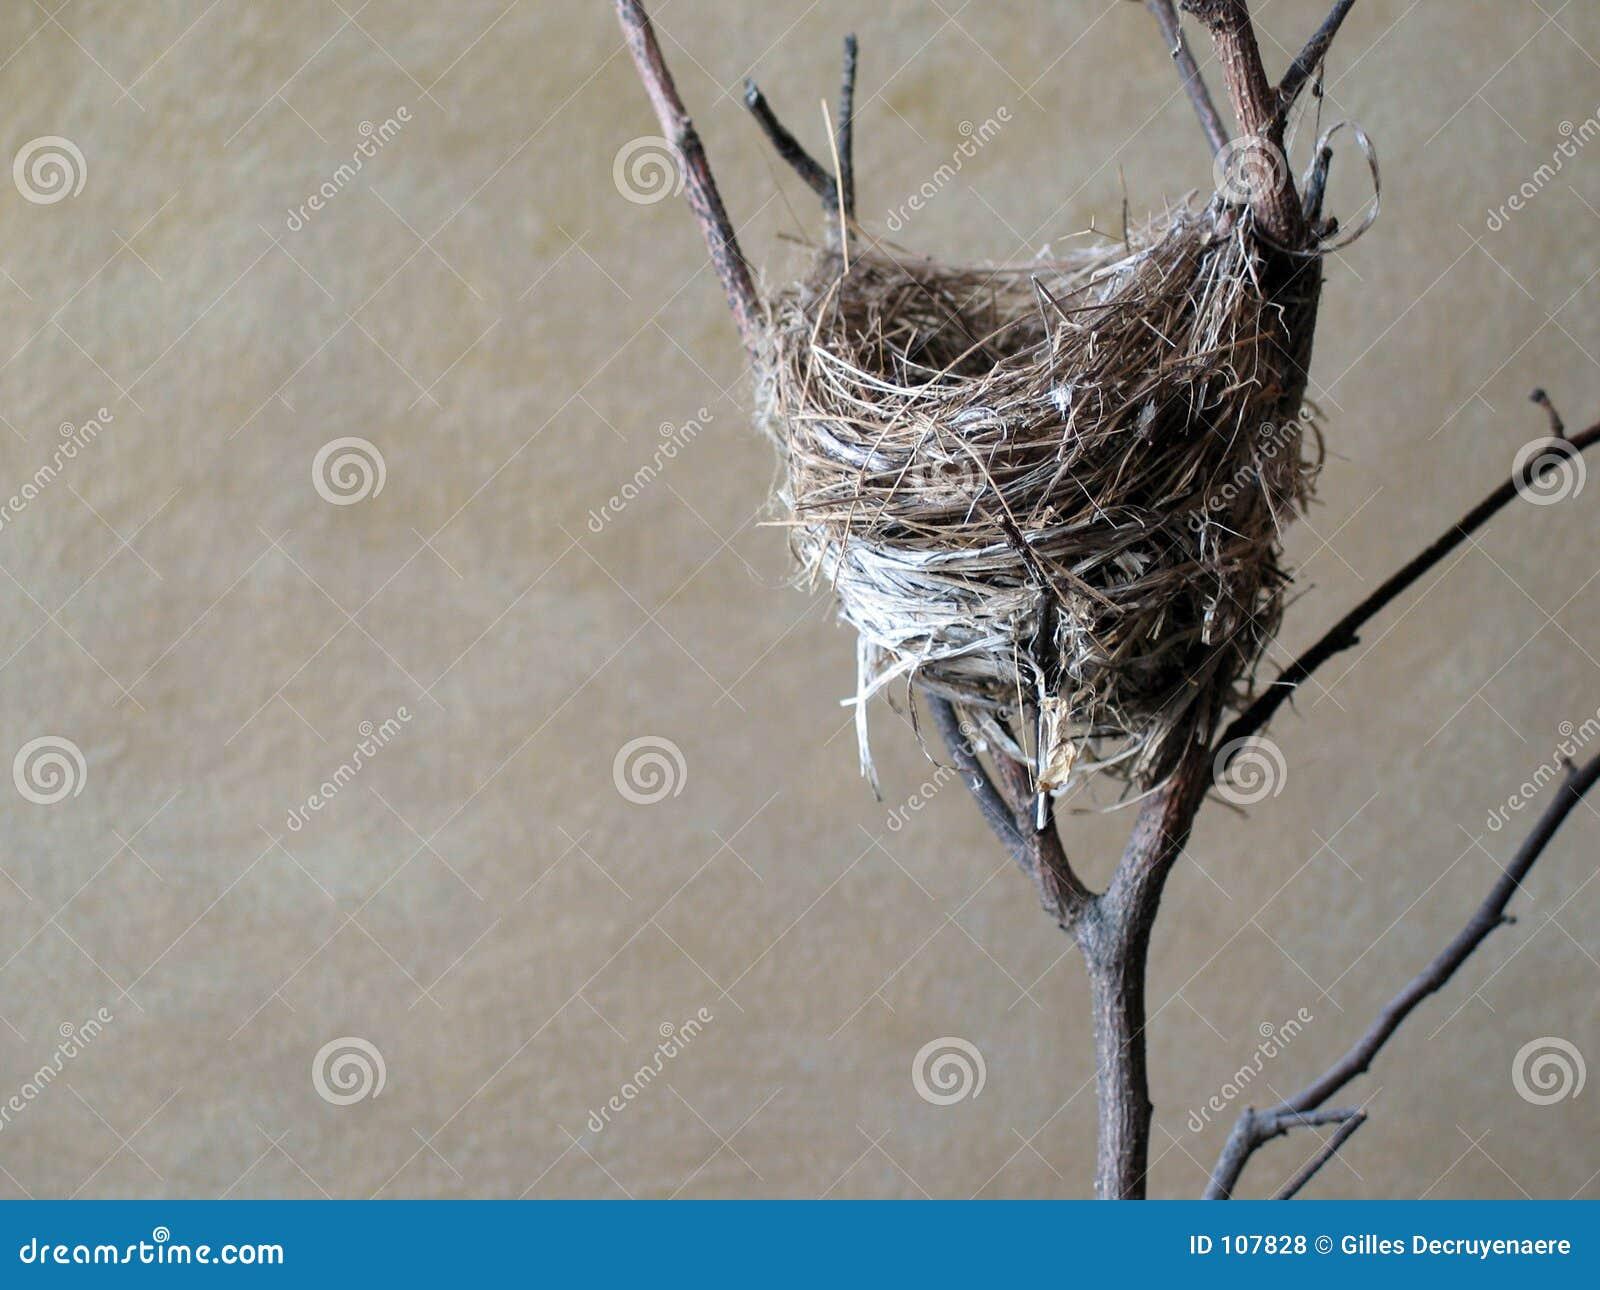 Nest des kleinen Vogels.